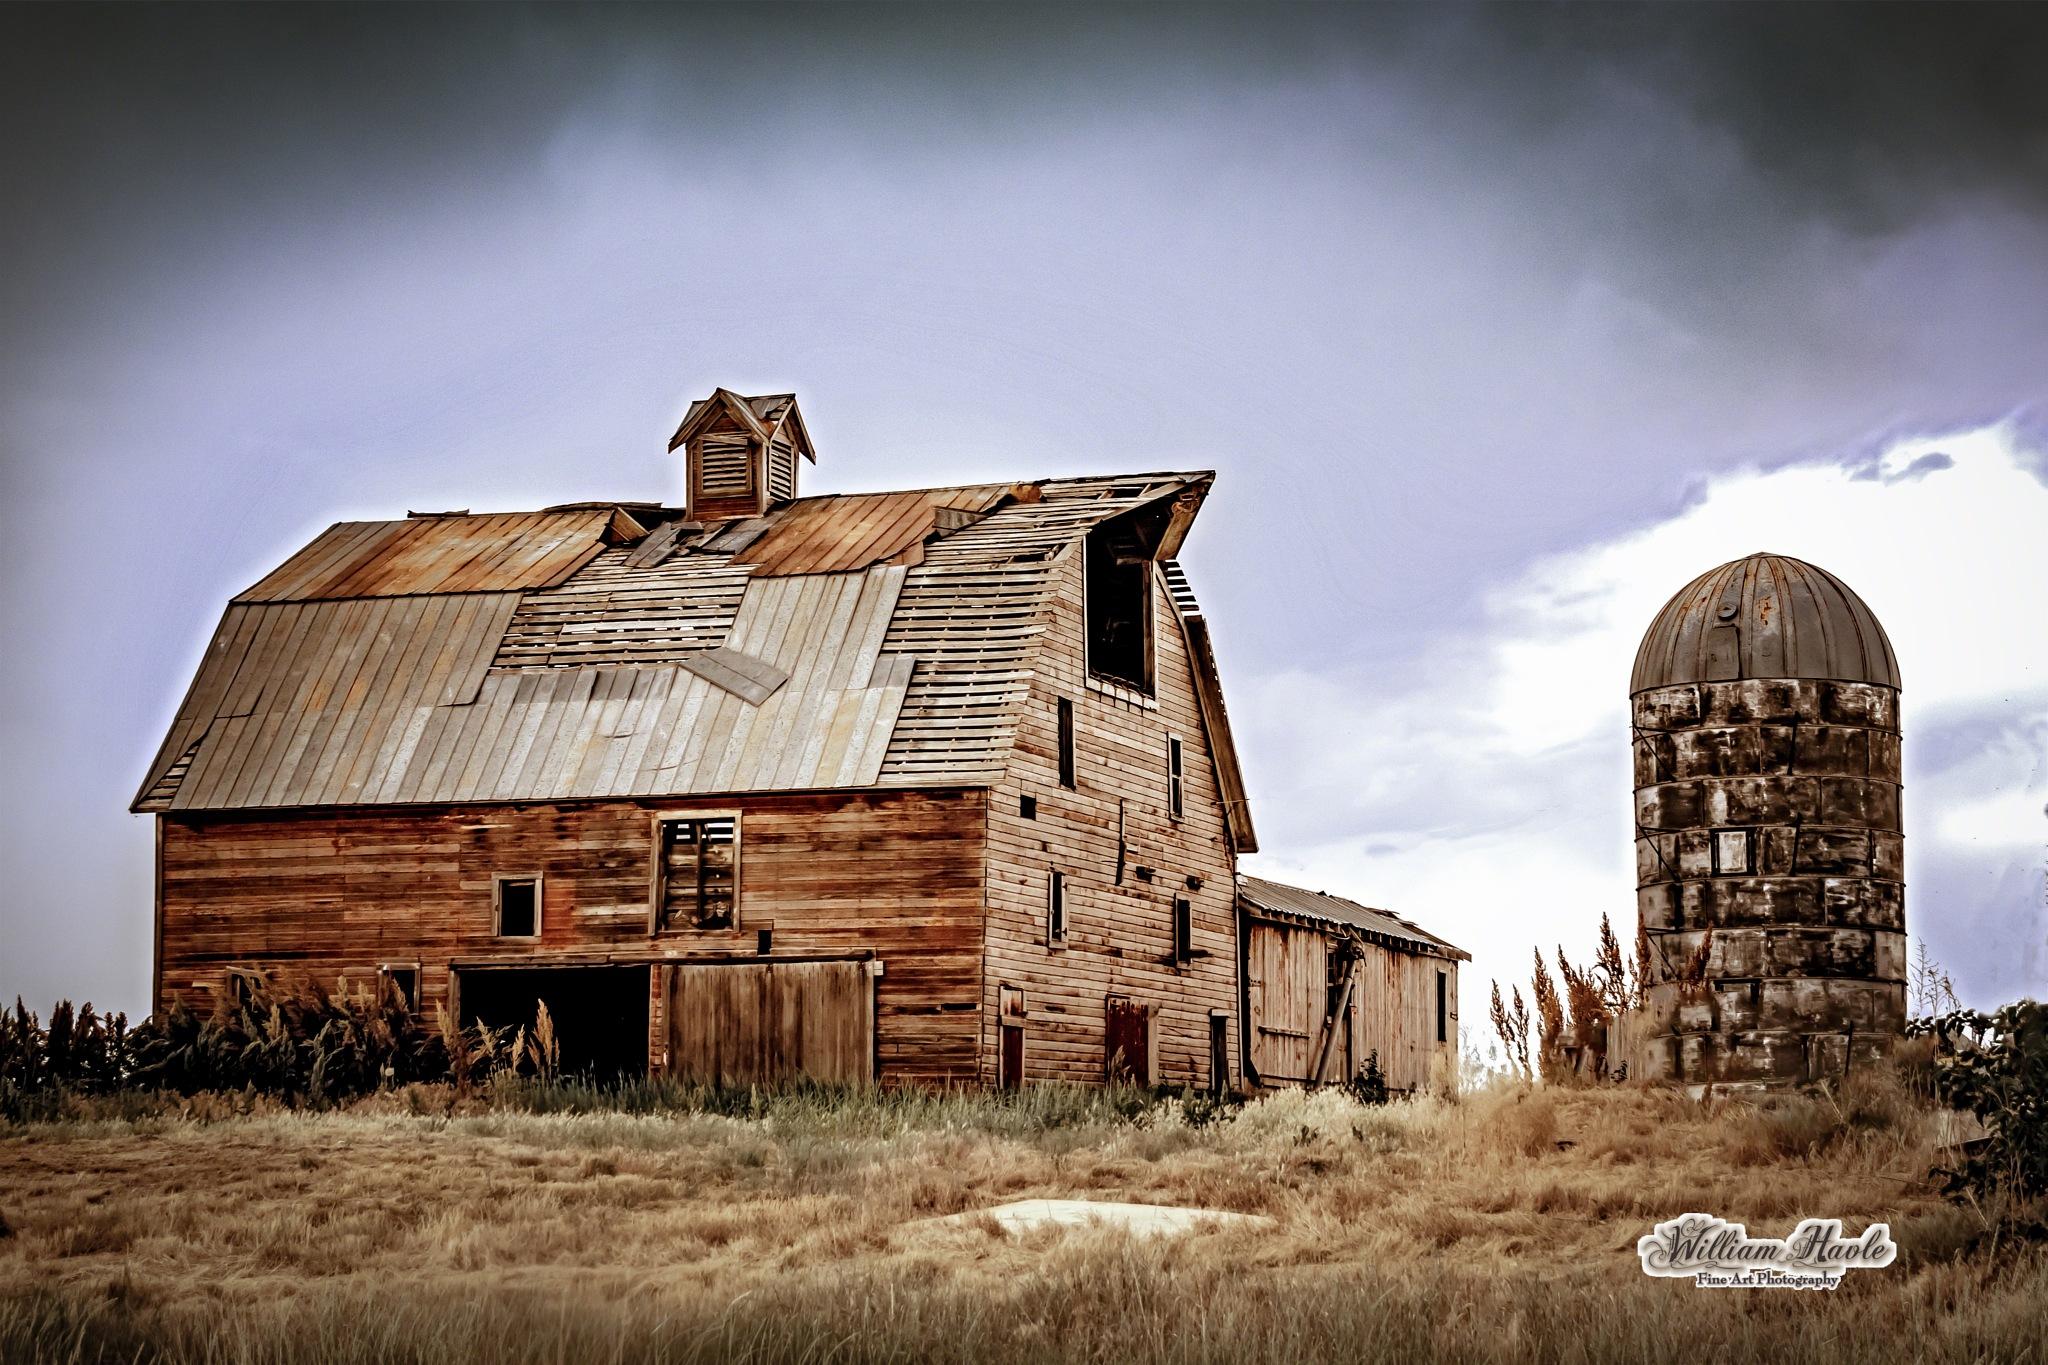 Colorado Silo Barn by Bill Havle